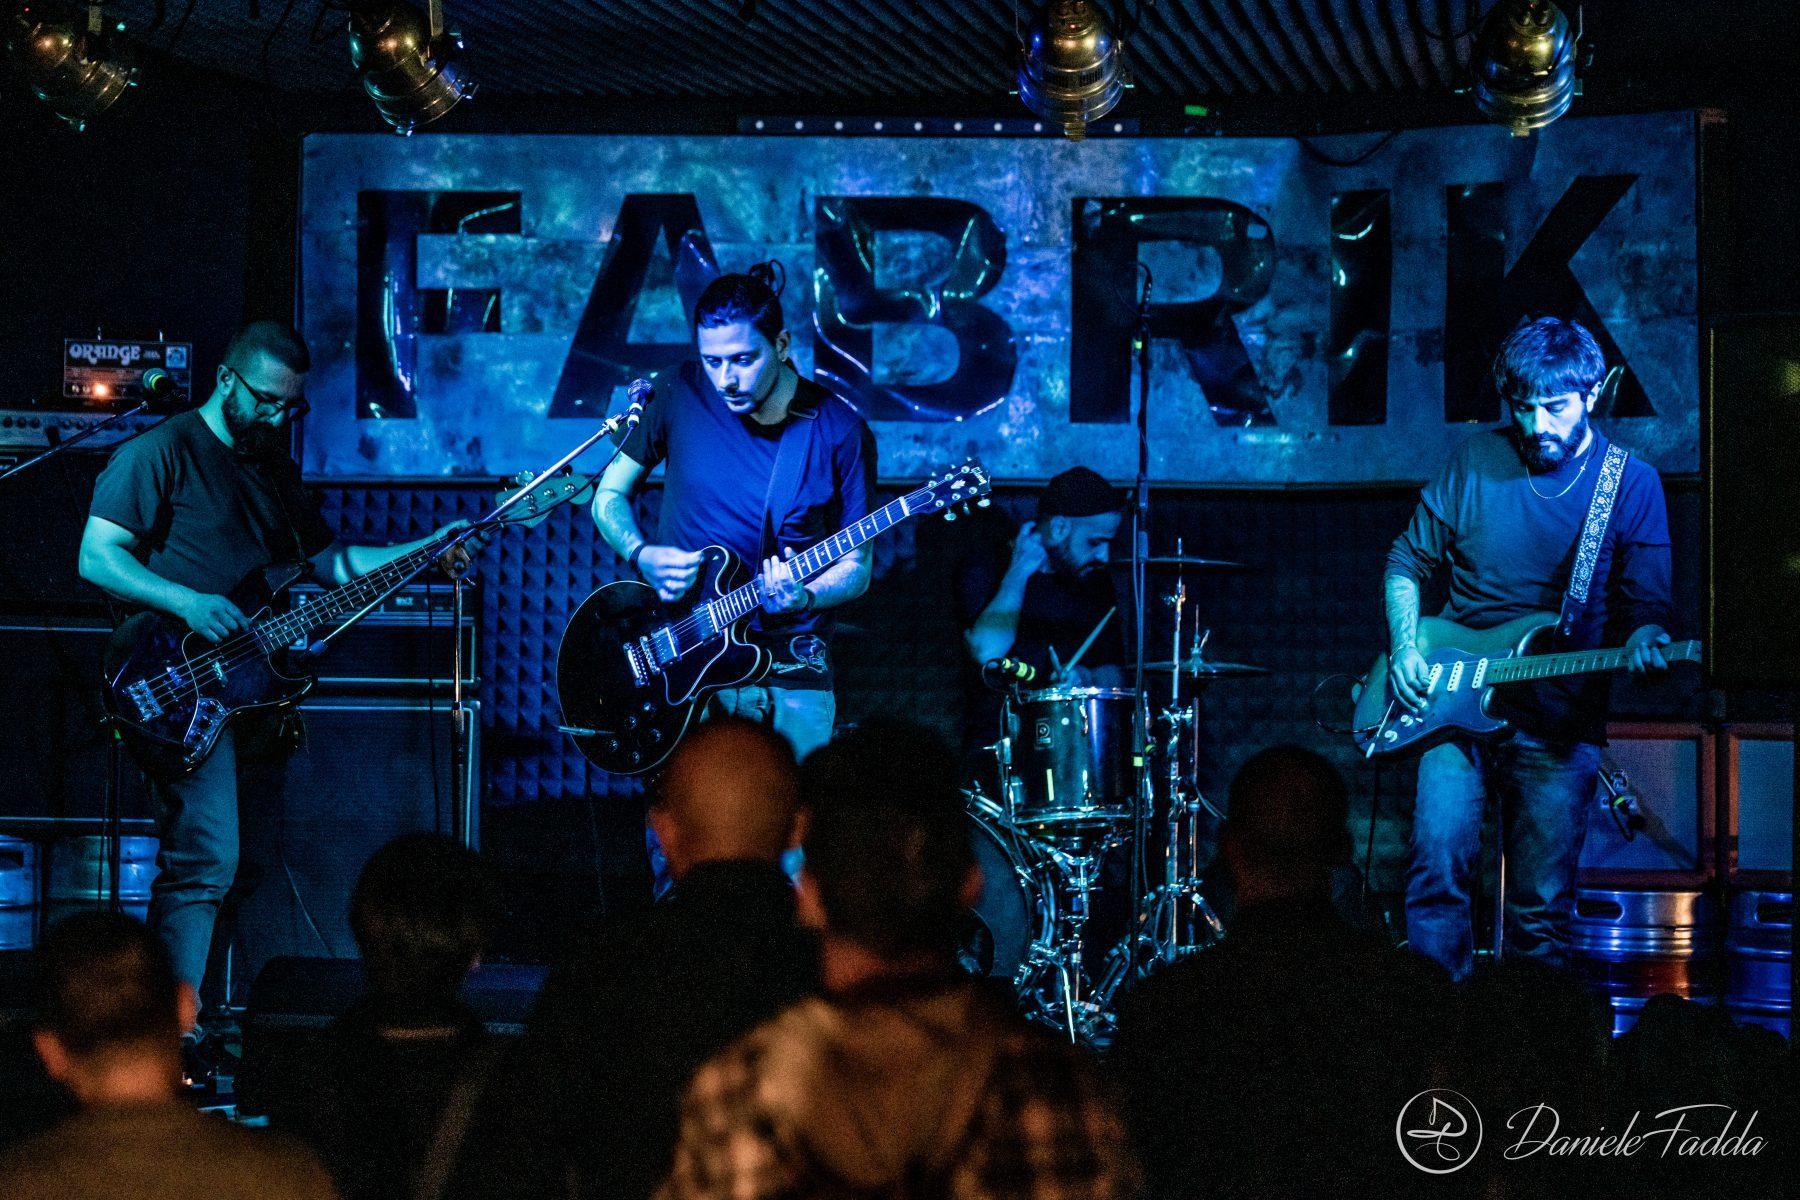 La Pioggia - La Pioggia & Lazybones Flame Kids - Fabrik - 2019 - Daniele Fadda - report - Sa Scena Sarda - 21 dicembre